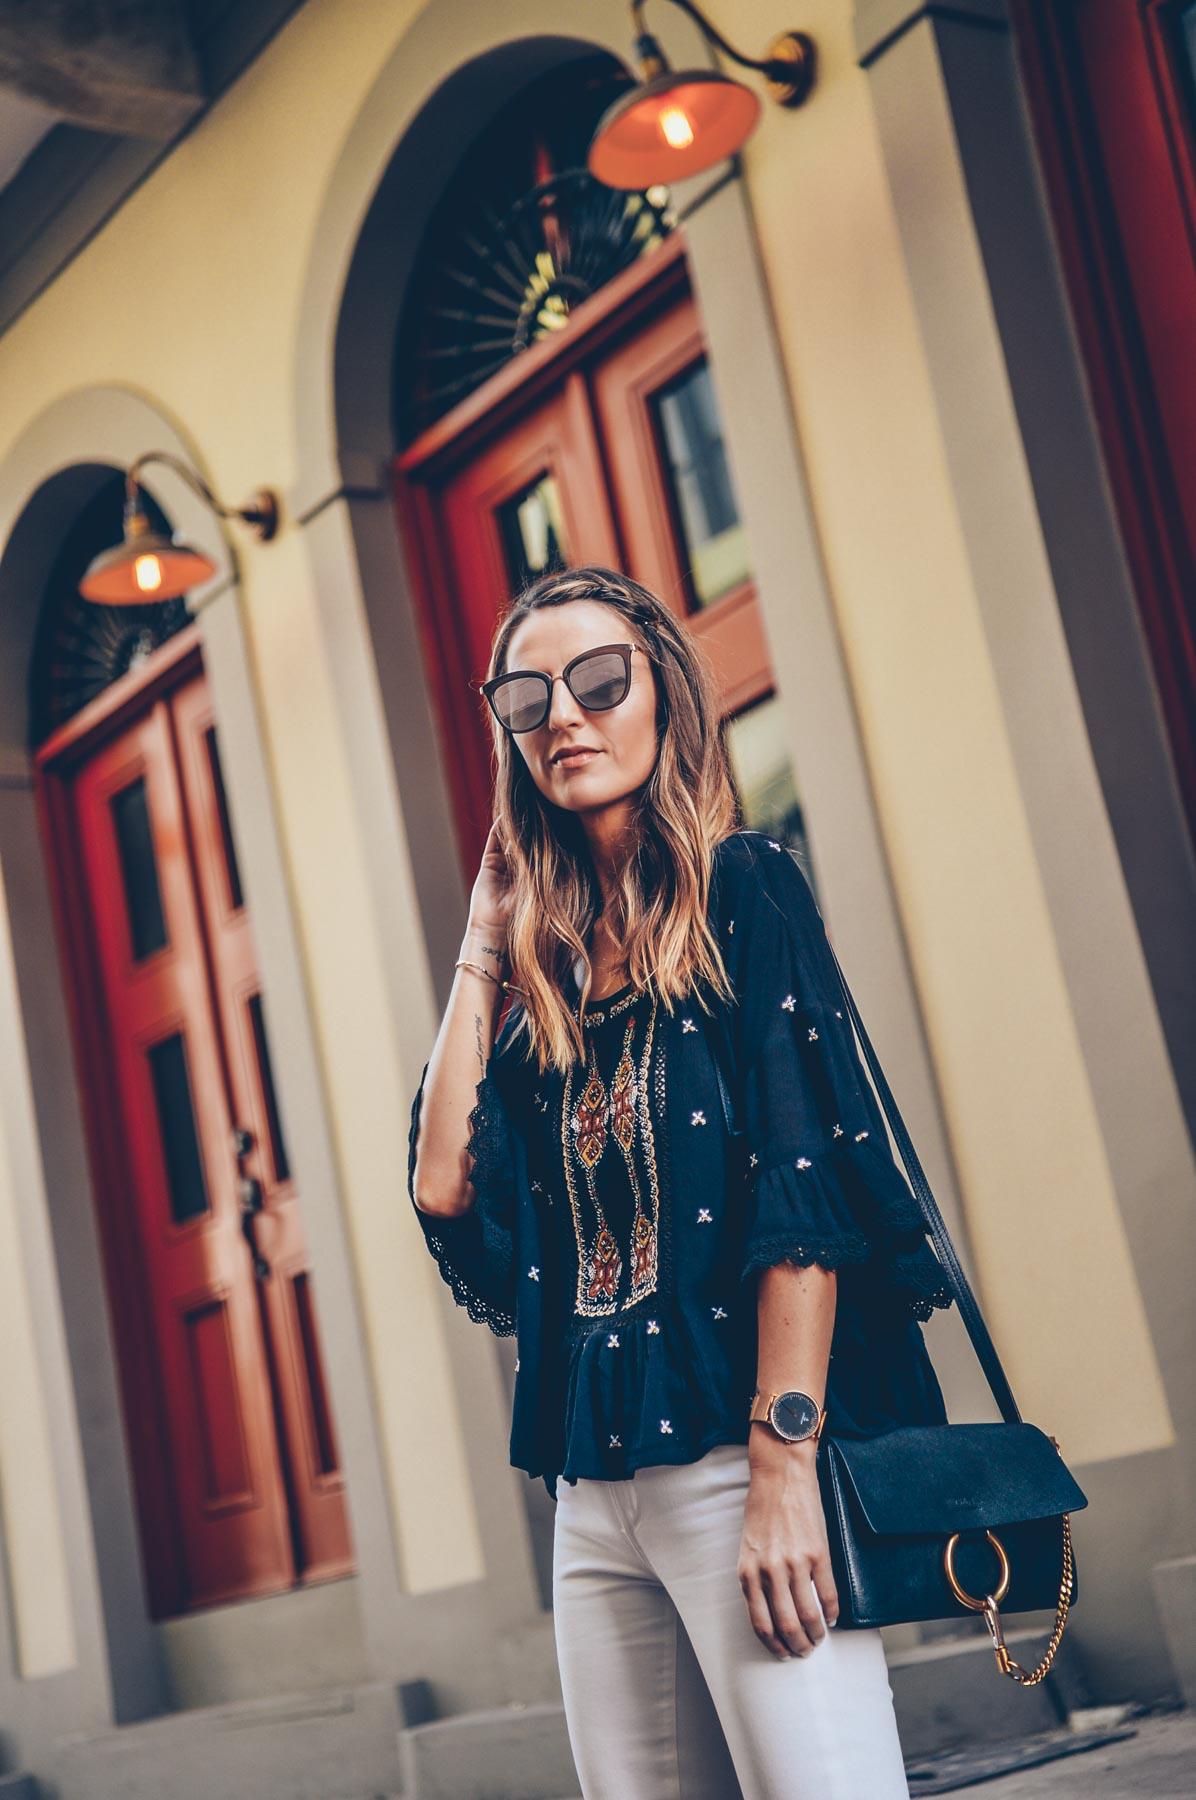 Jess Kirby wearing a boho blouse and Chloe Small Faye Crossbody in Panama City